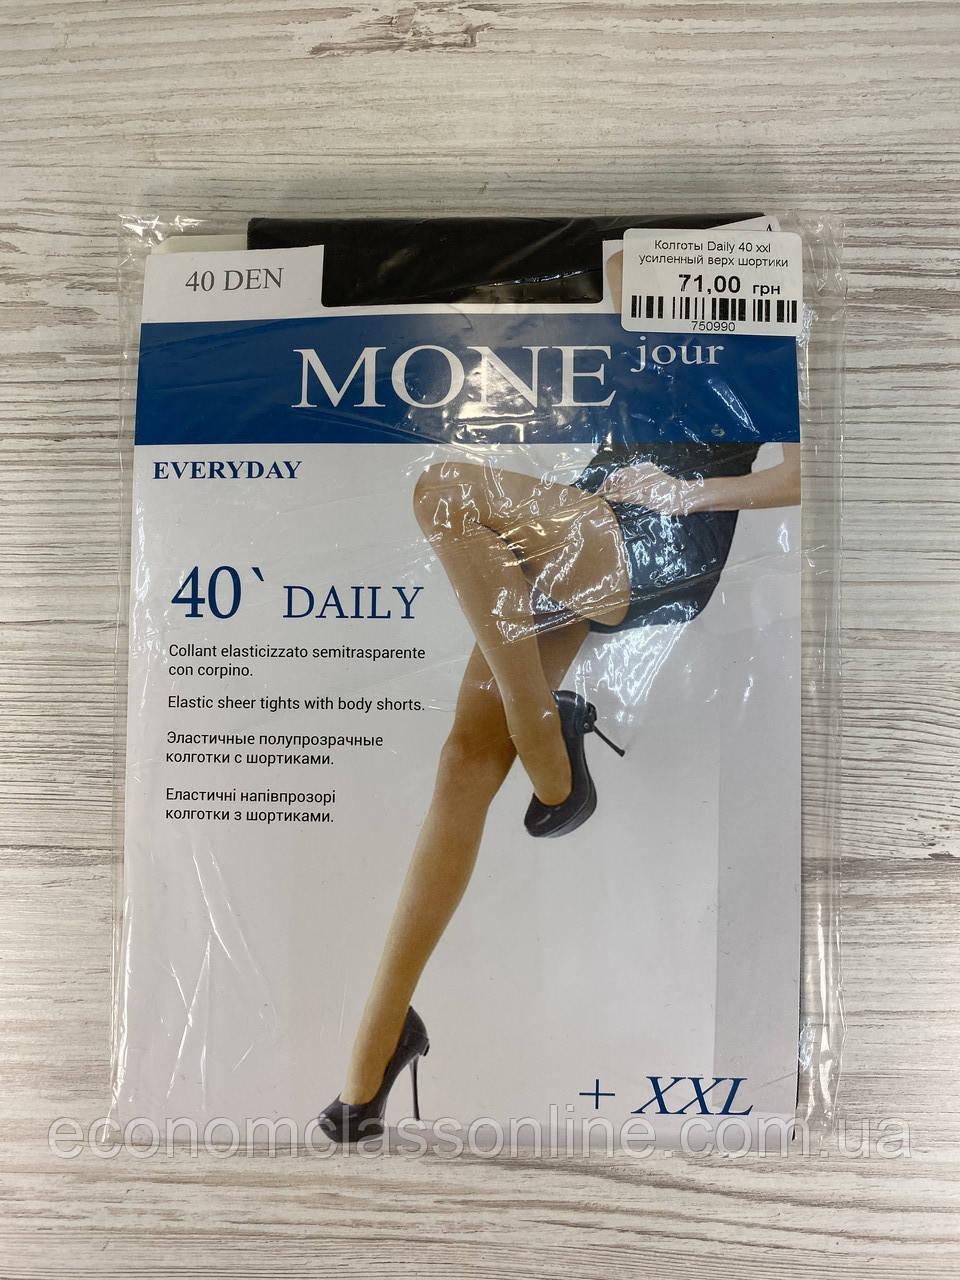 Колготки женские MONE 40 Daily усиленный верх шортики